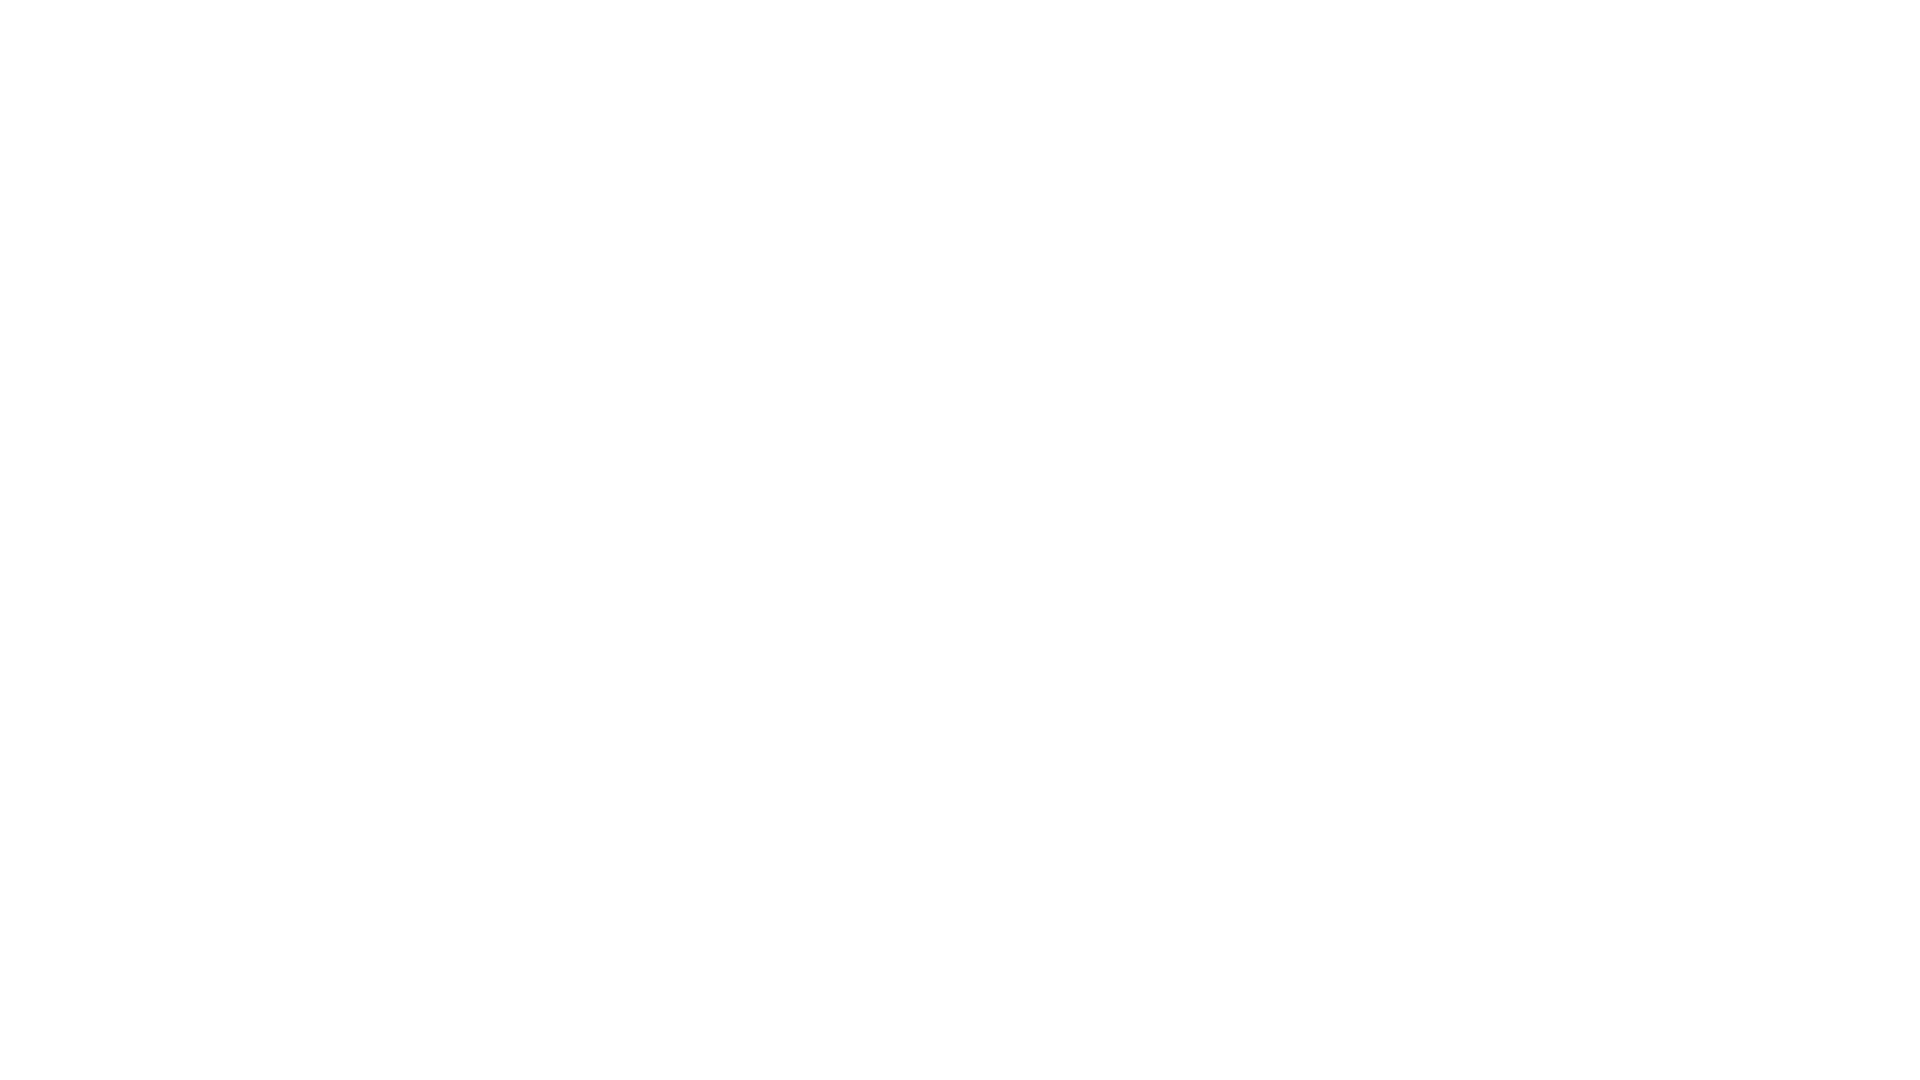 OLIVIER ALLAIN